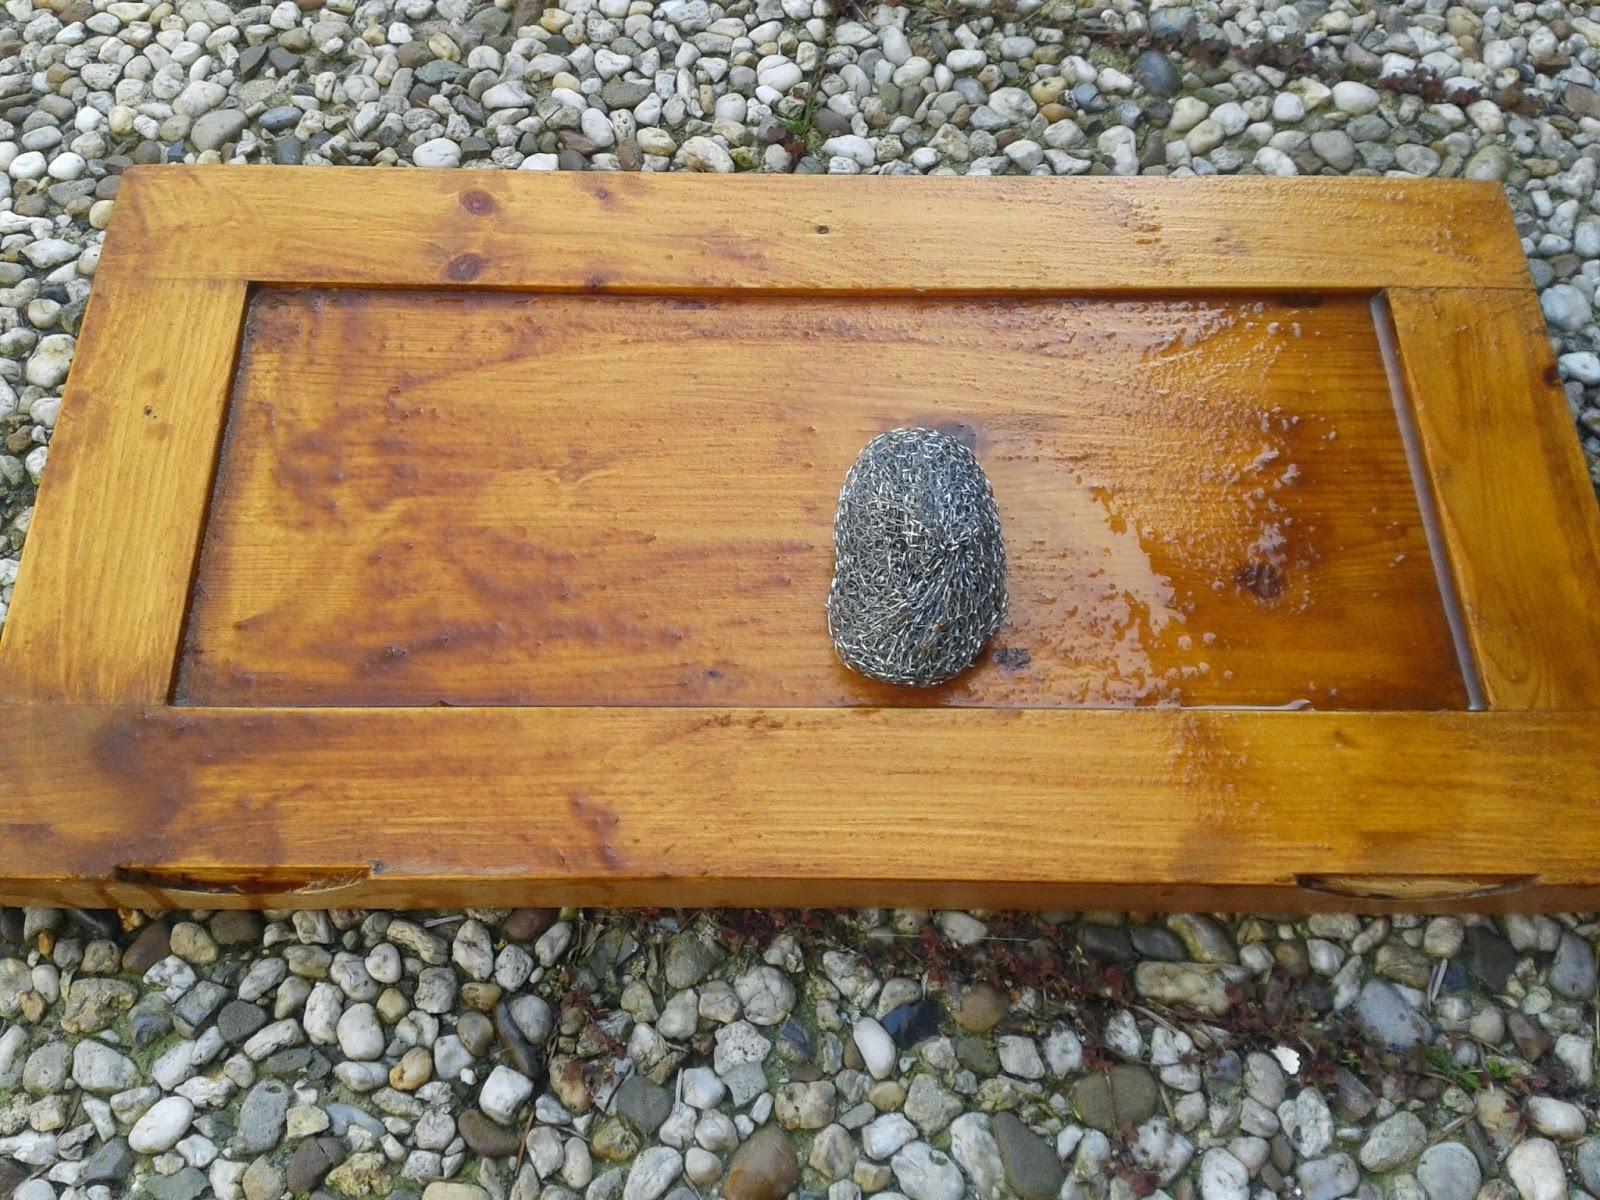 Opgeknapte Meubels Waslaag Van Meubel Verwijderen